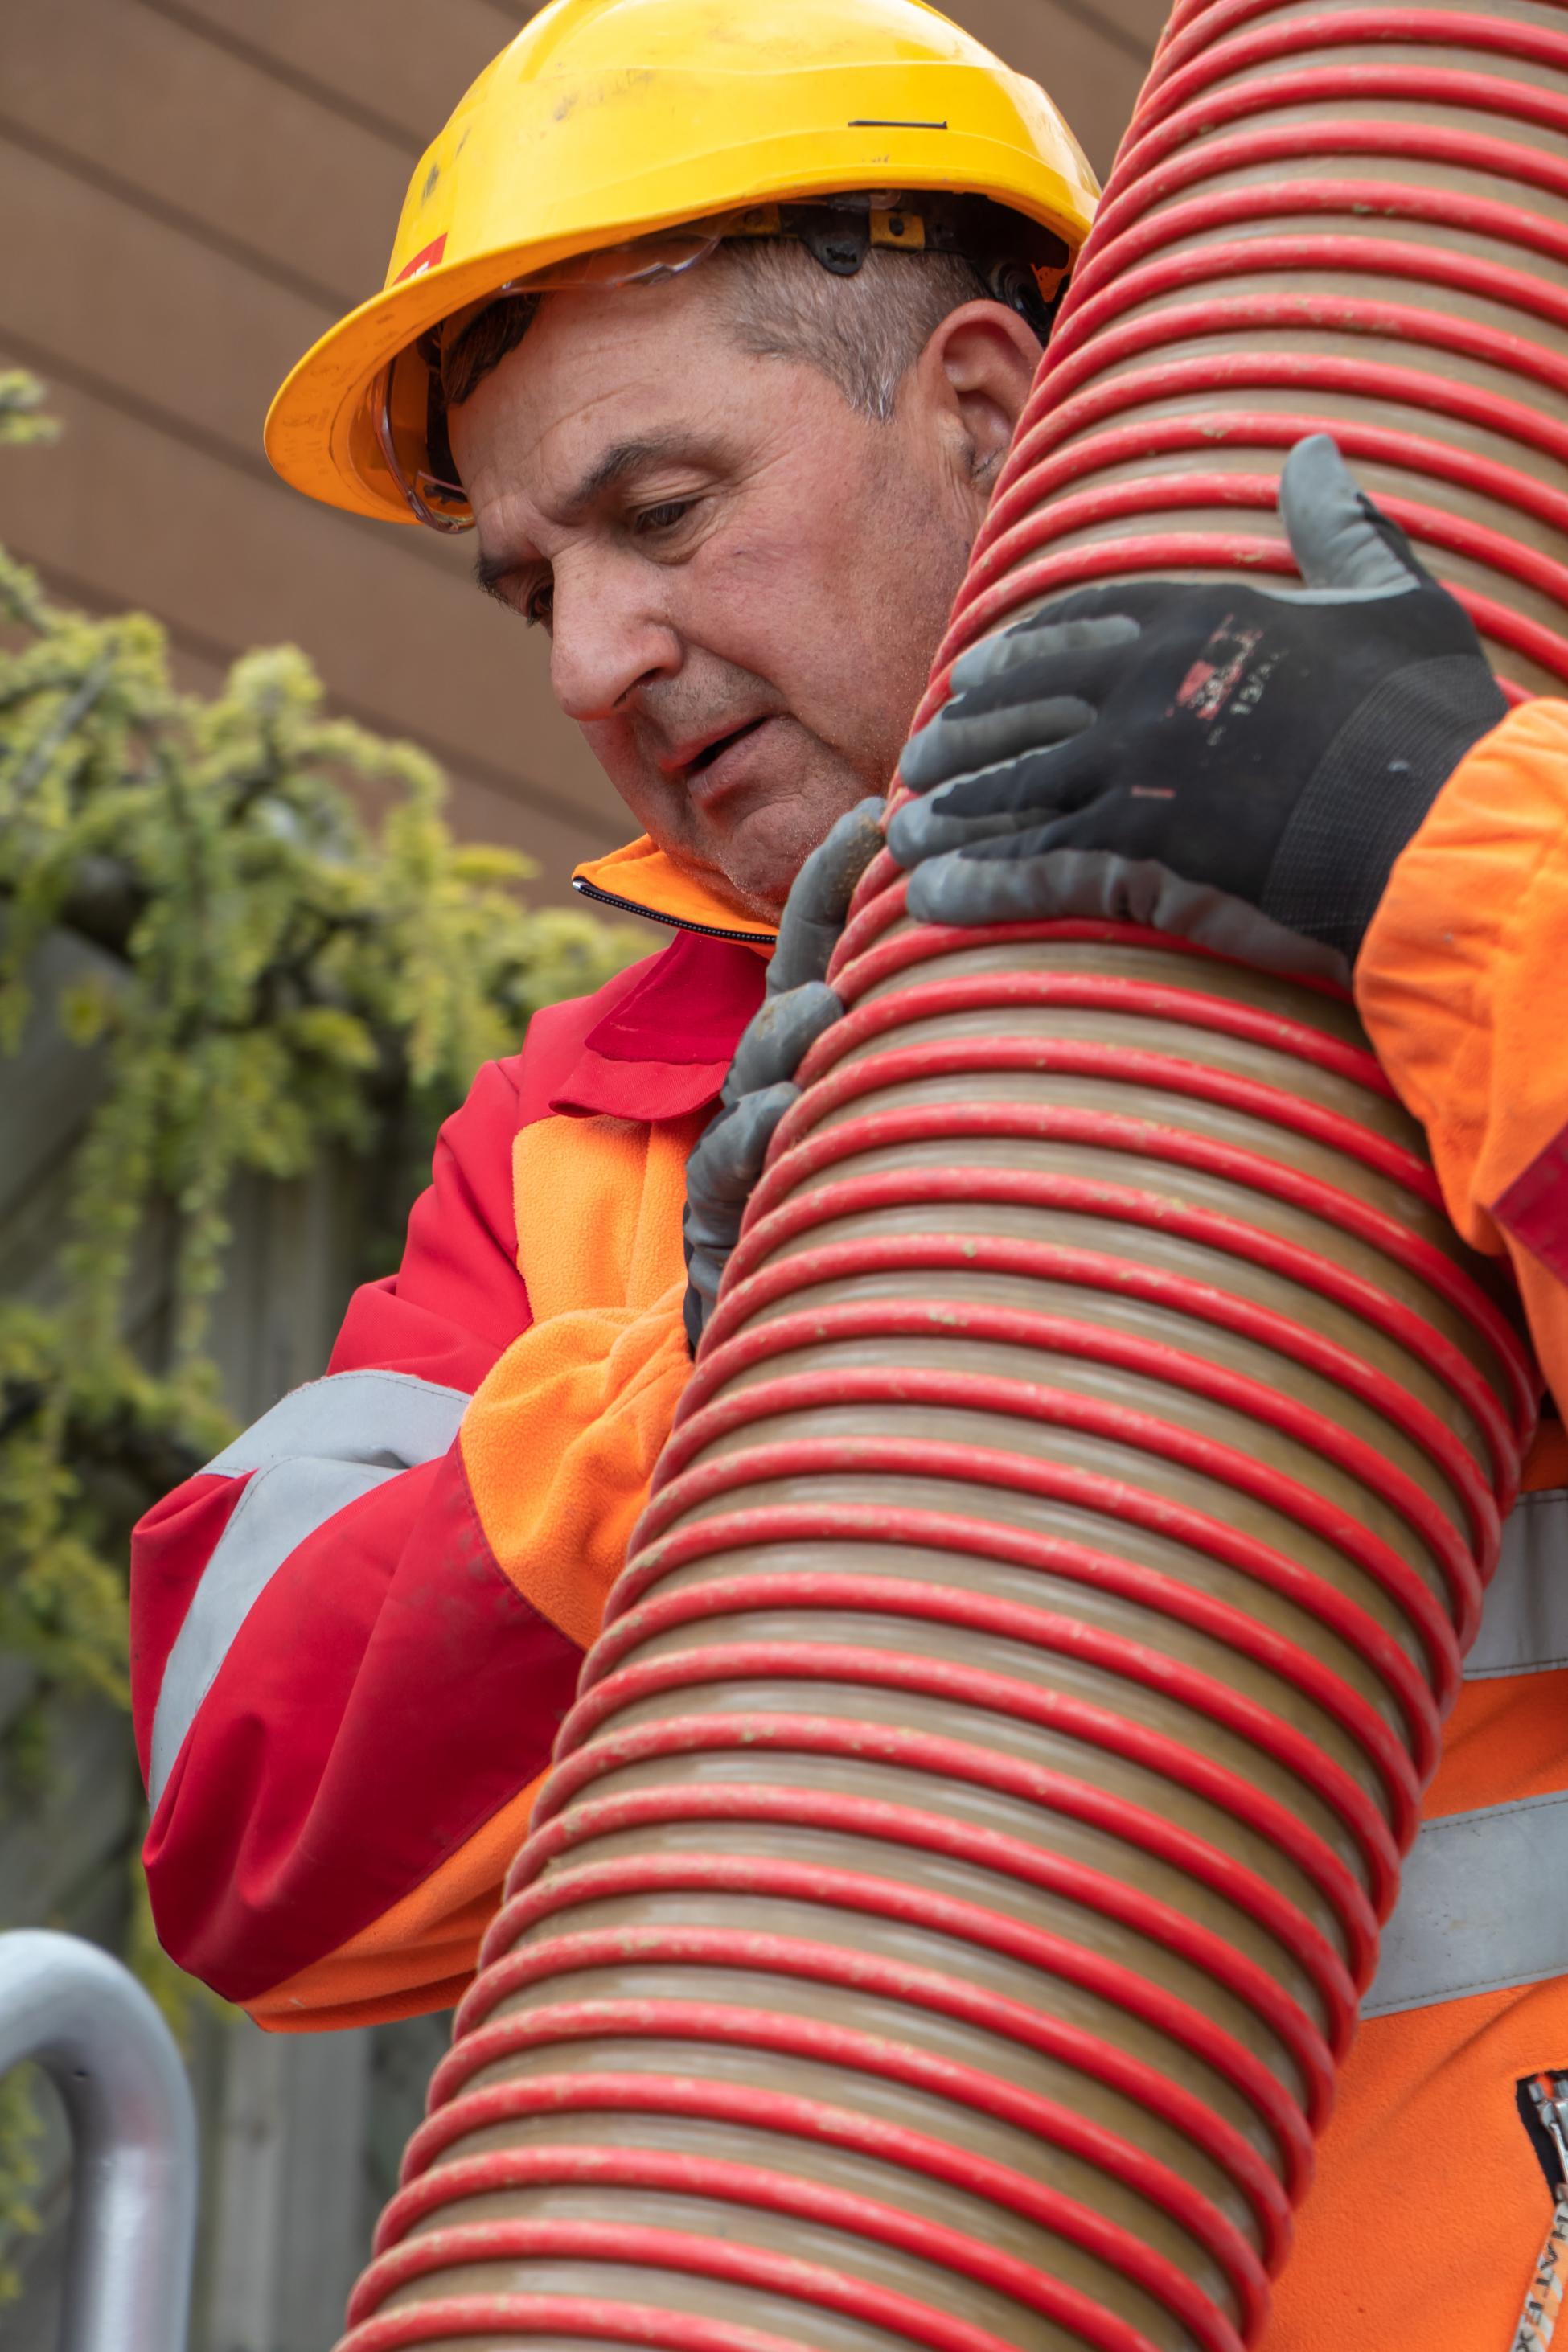 Brugg Wasserleitungsbruch grosses Rohr